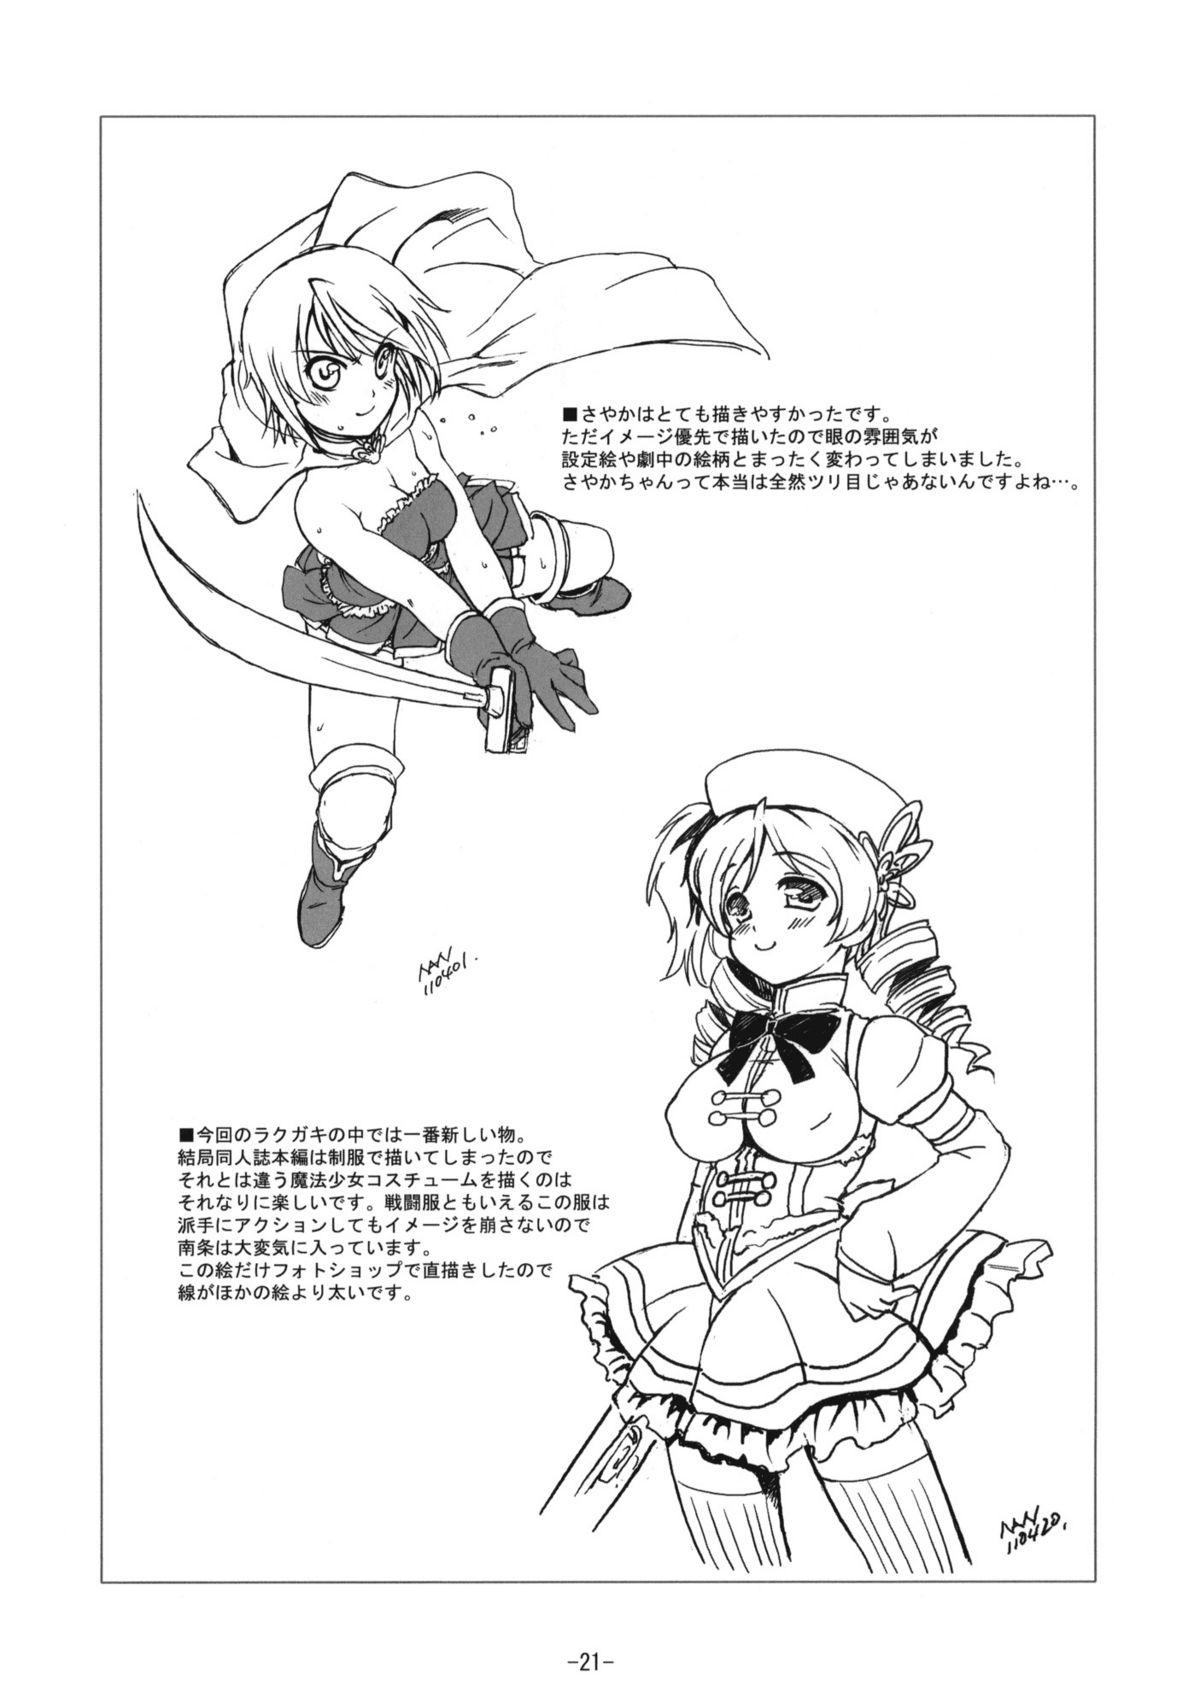 Kyoukoso Mami-san no Pansuto Yaburitai + Paper 22